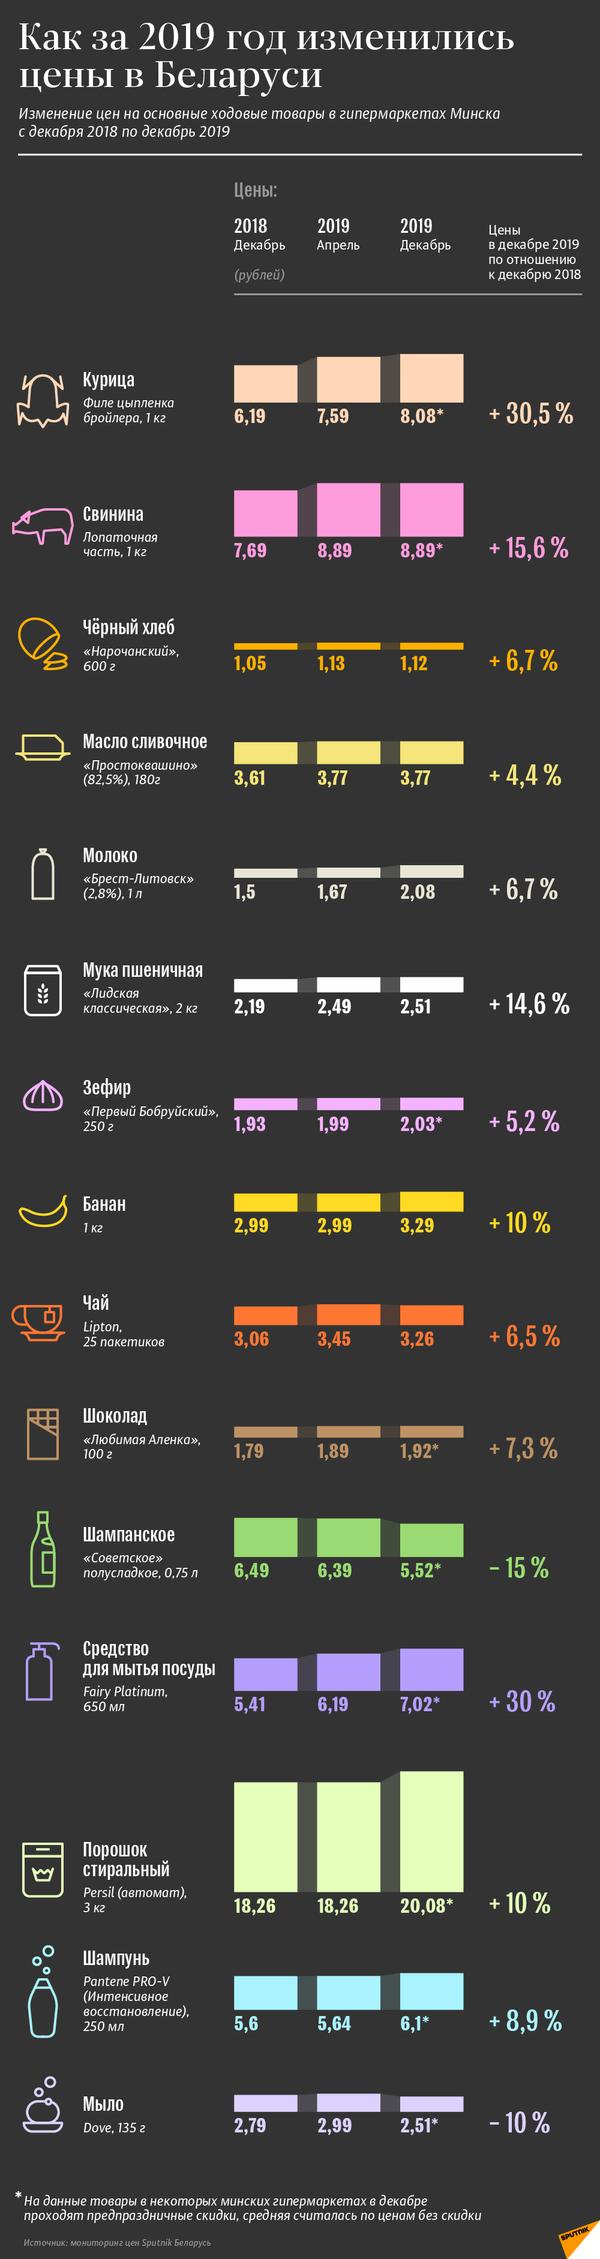 Как за 2019 год изменились цены в Беларуси   Инфографика на sputnik.by - Sputnik Беларусь